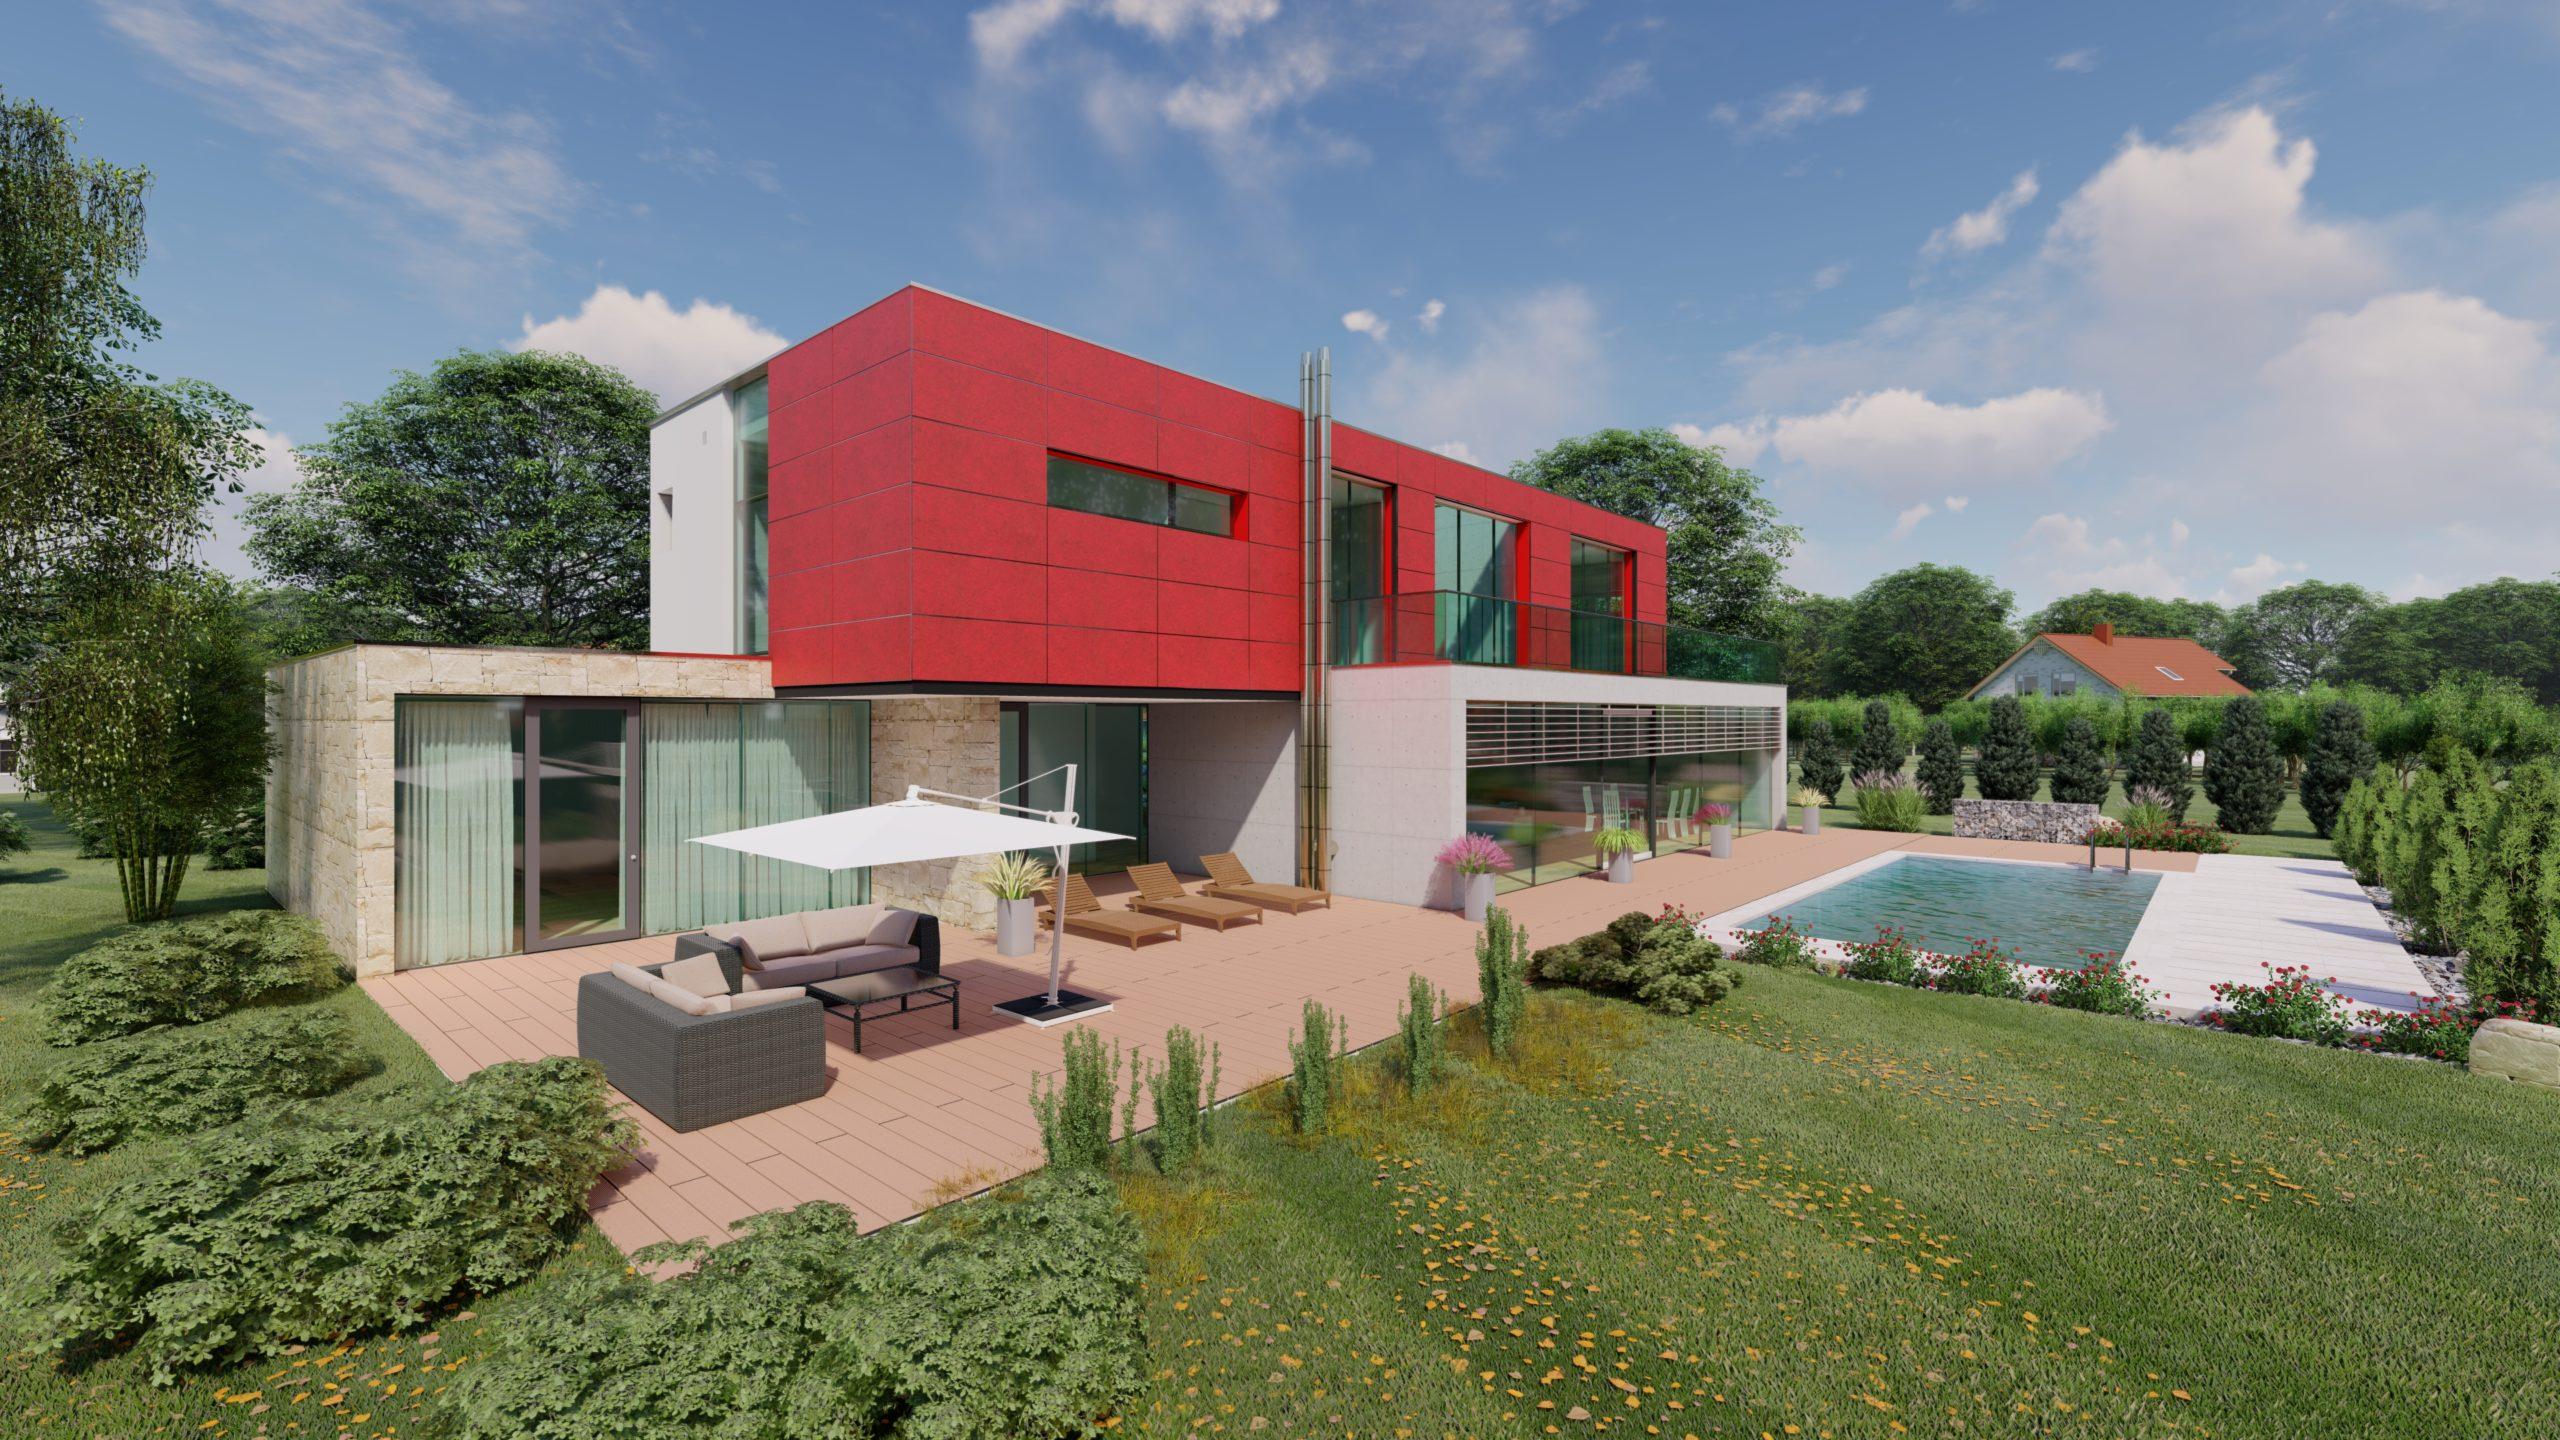 Einfamilienhaus mit roter Fassade im Obergeschoss und Blick in Garten mit Pool